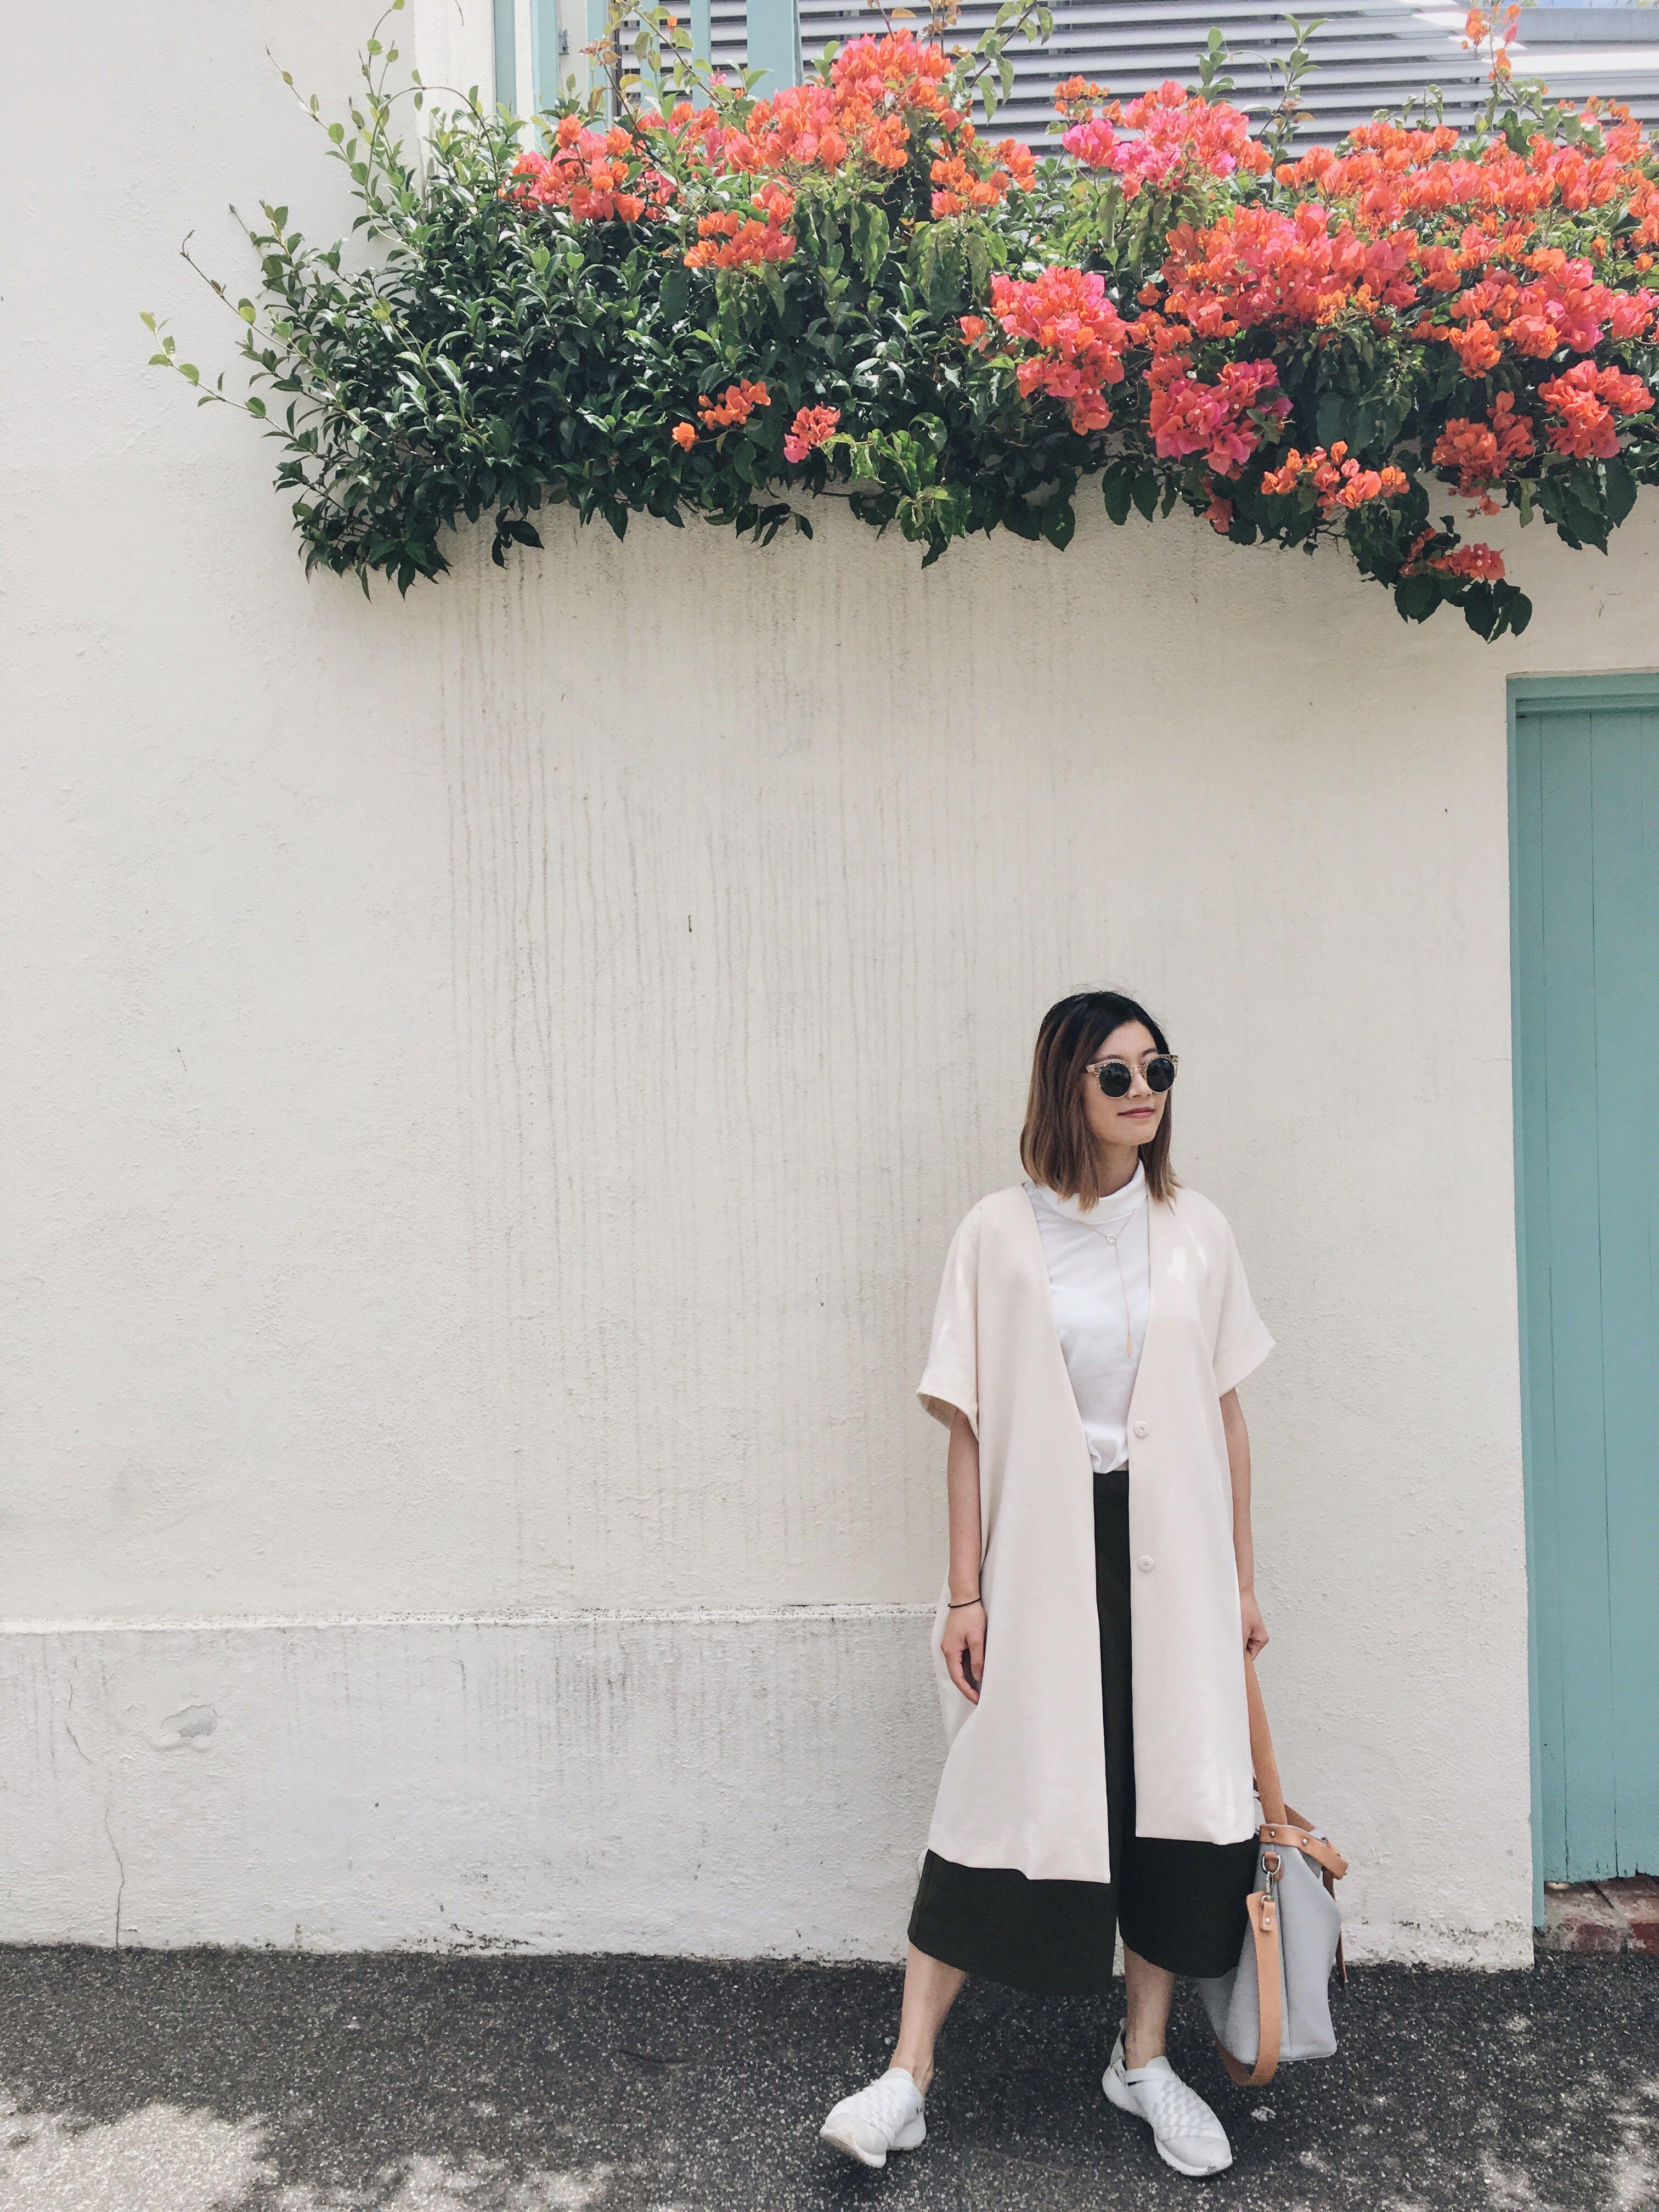 Oak and fort short sleeved jacket/dress